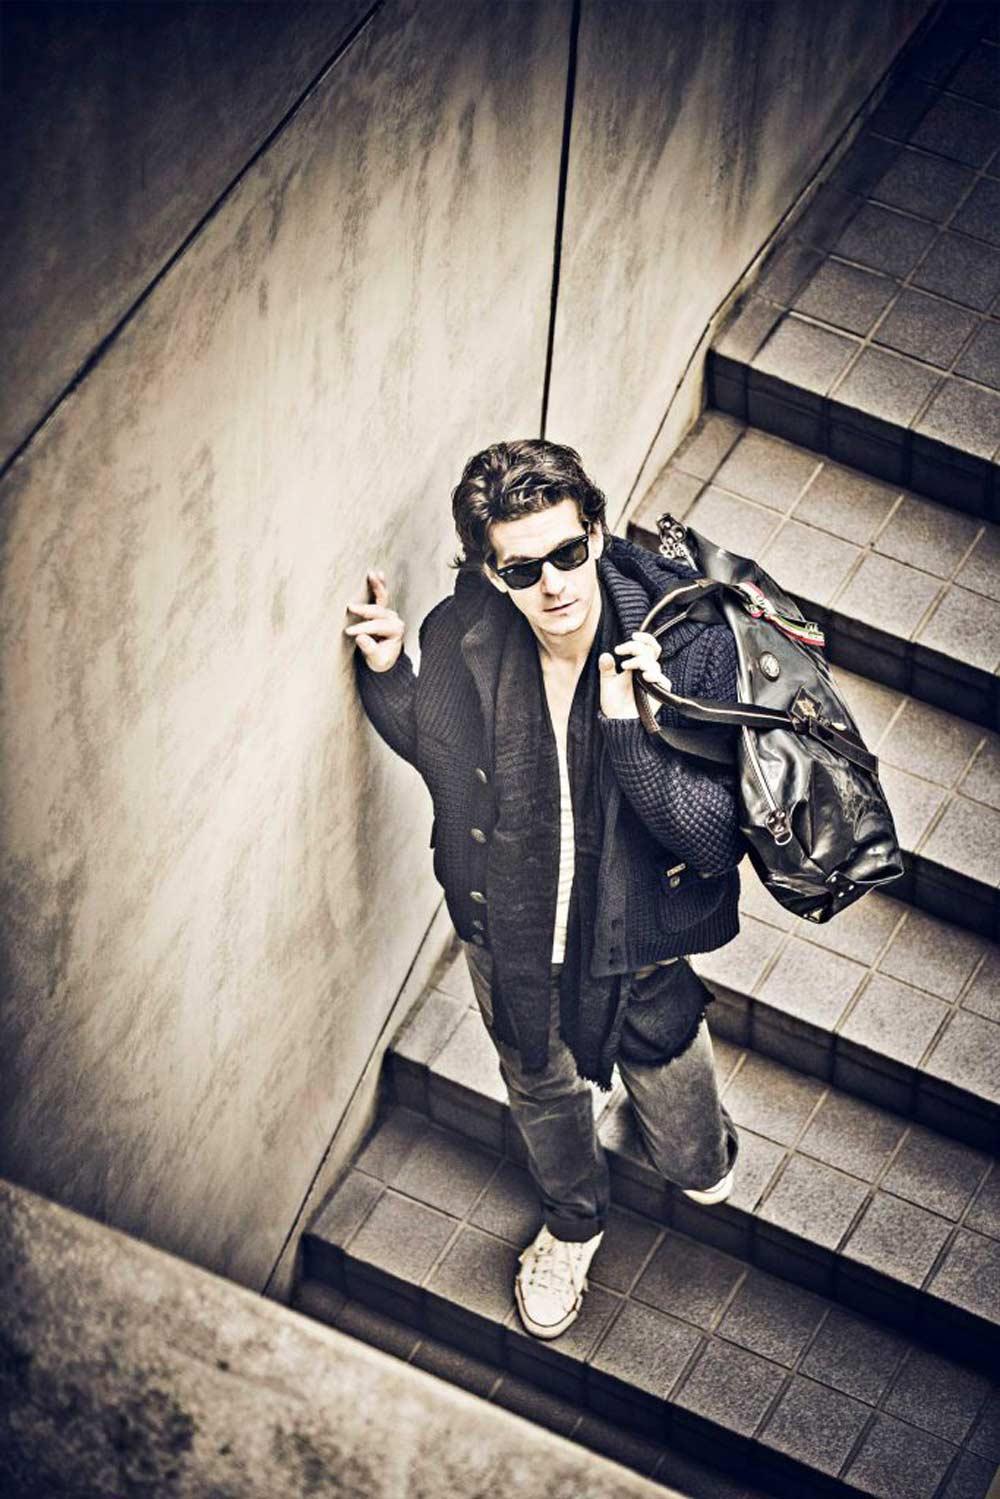 通販(ECサイト)用、アパレルファッション モデル メンズ撮影の写真です。クライアントはagioです。(11m-188)